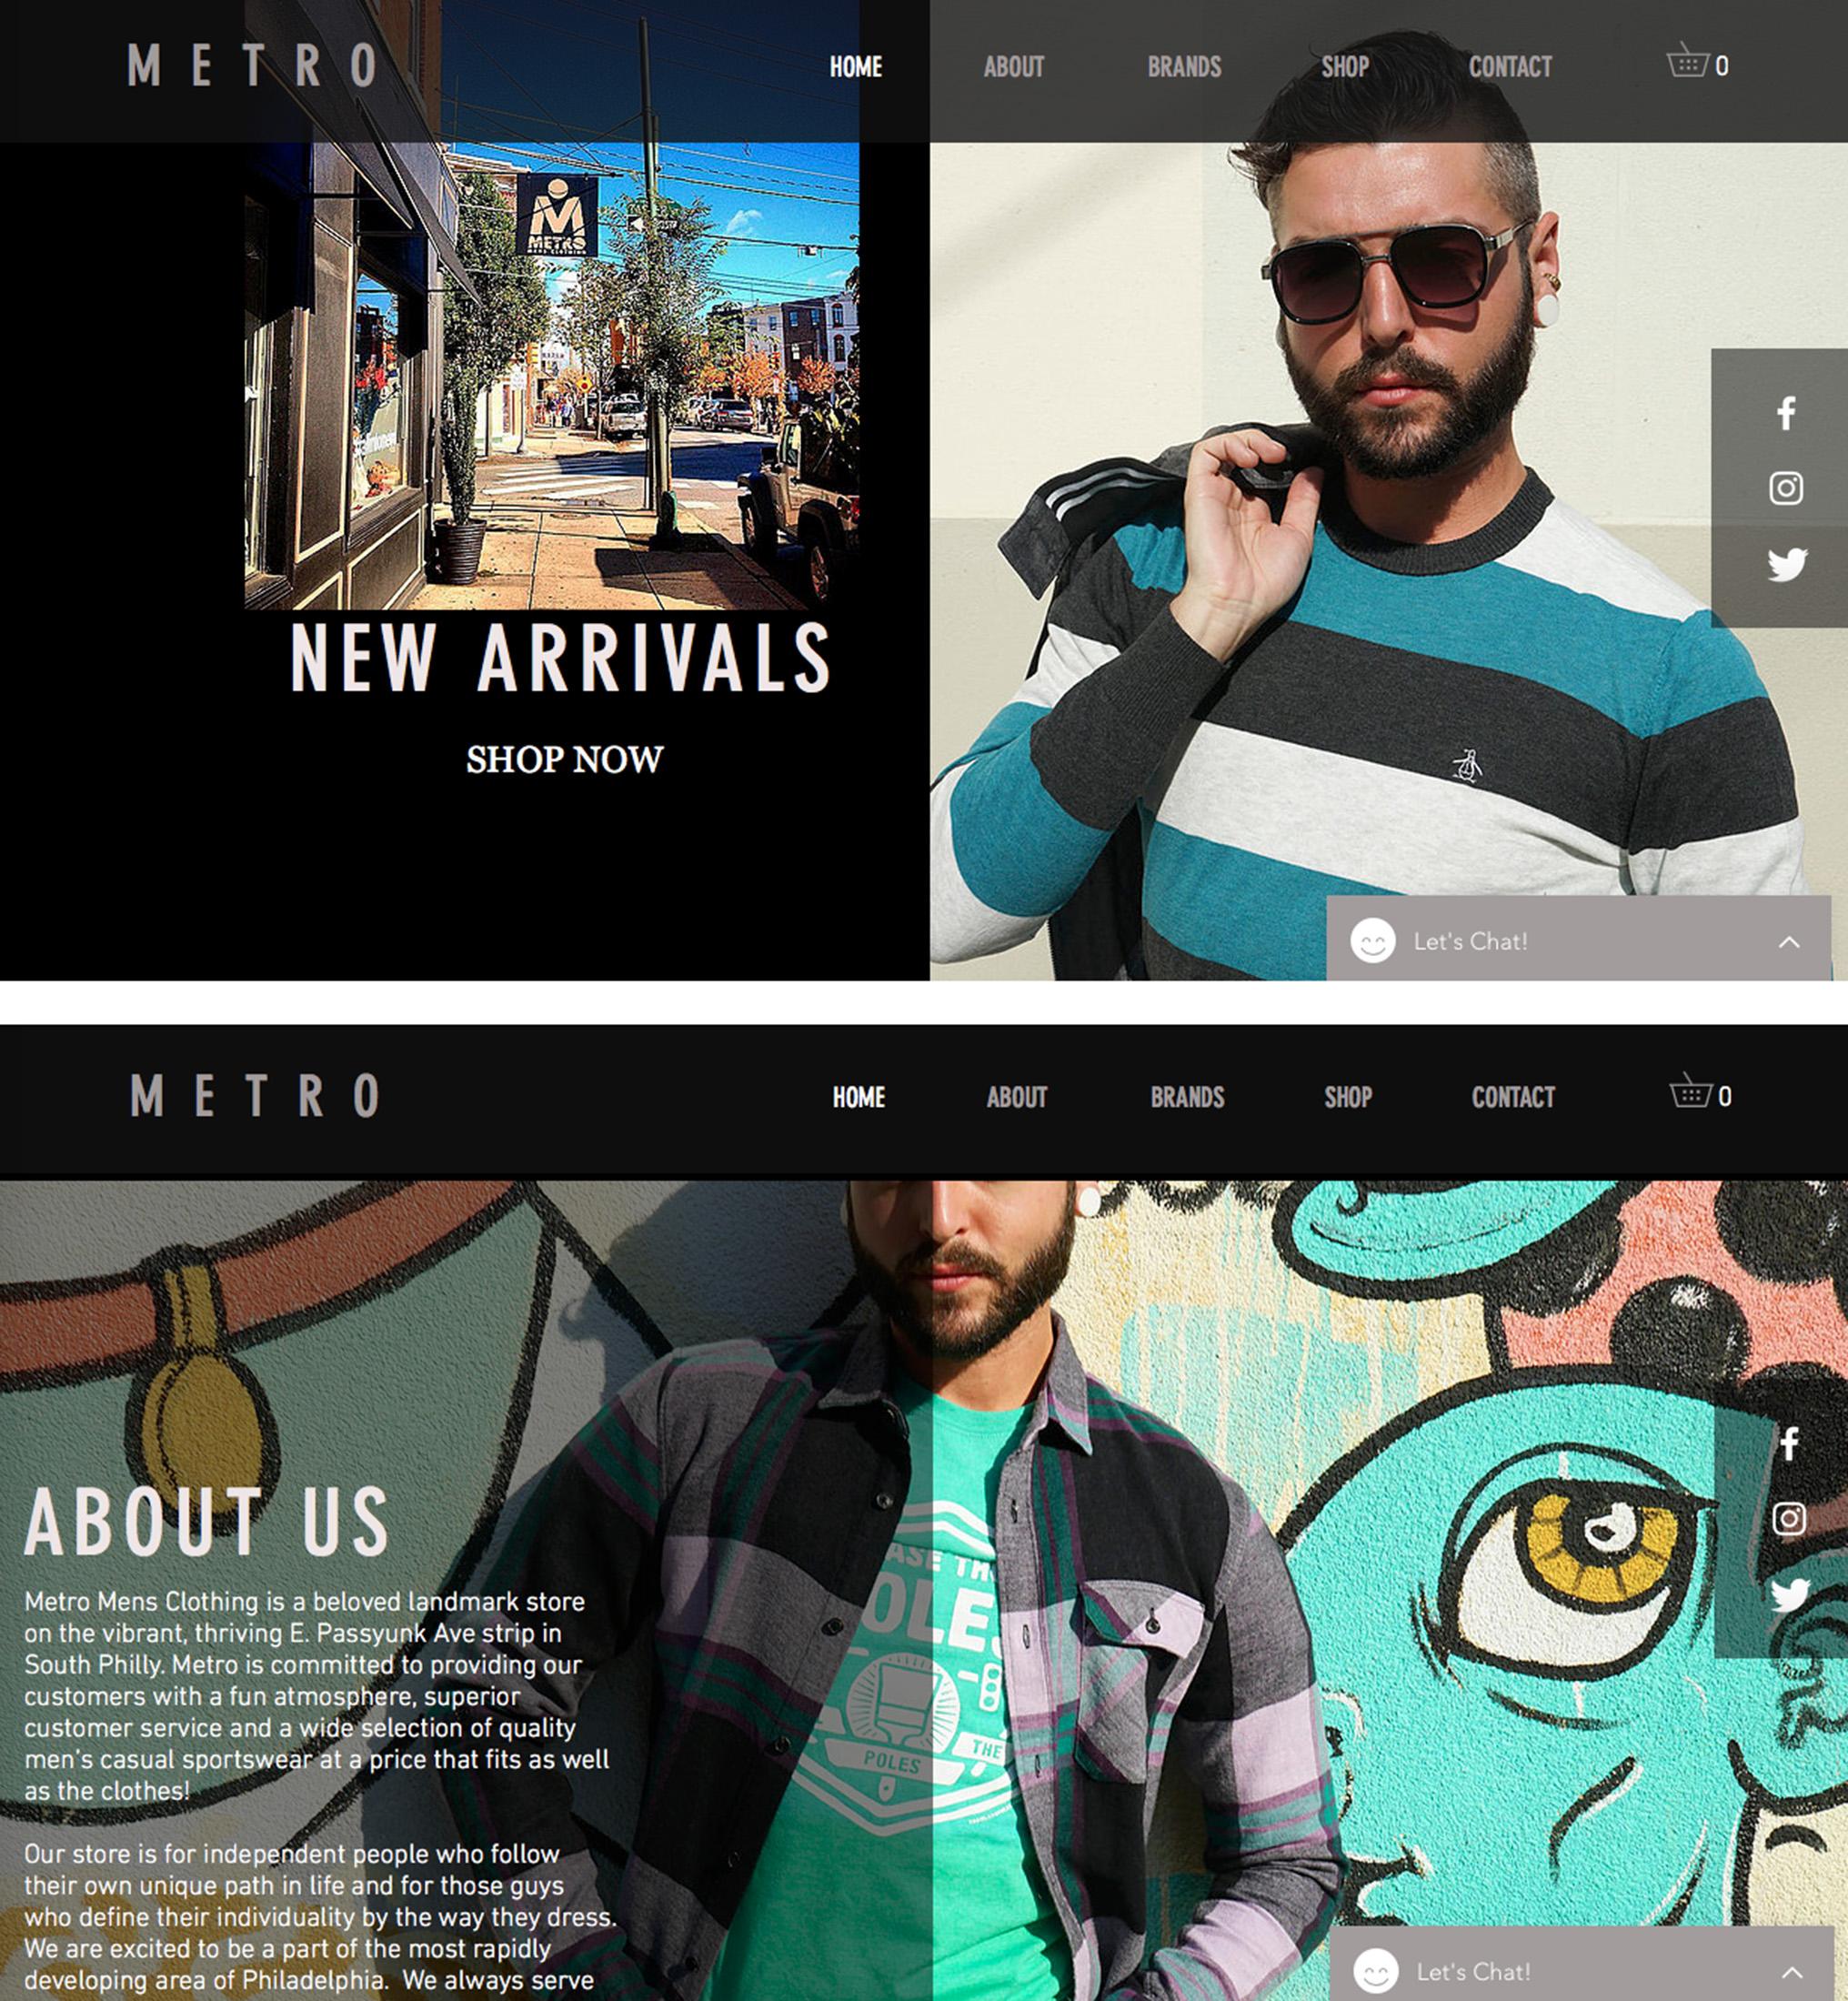 METRO Website